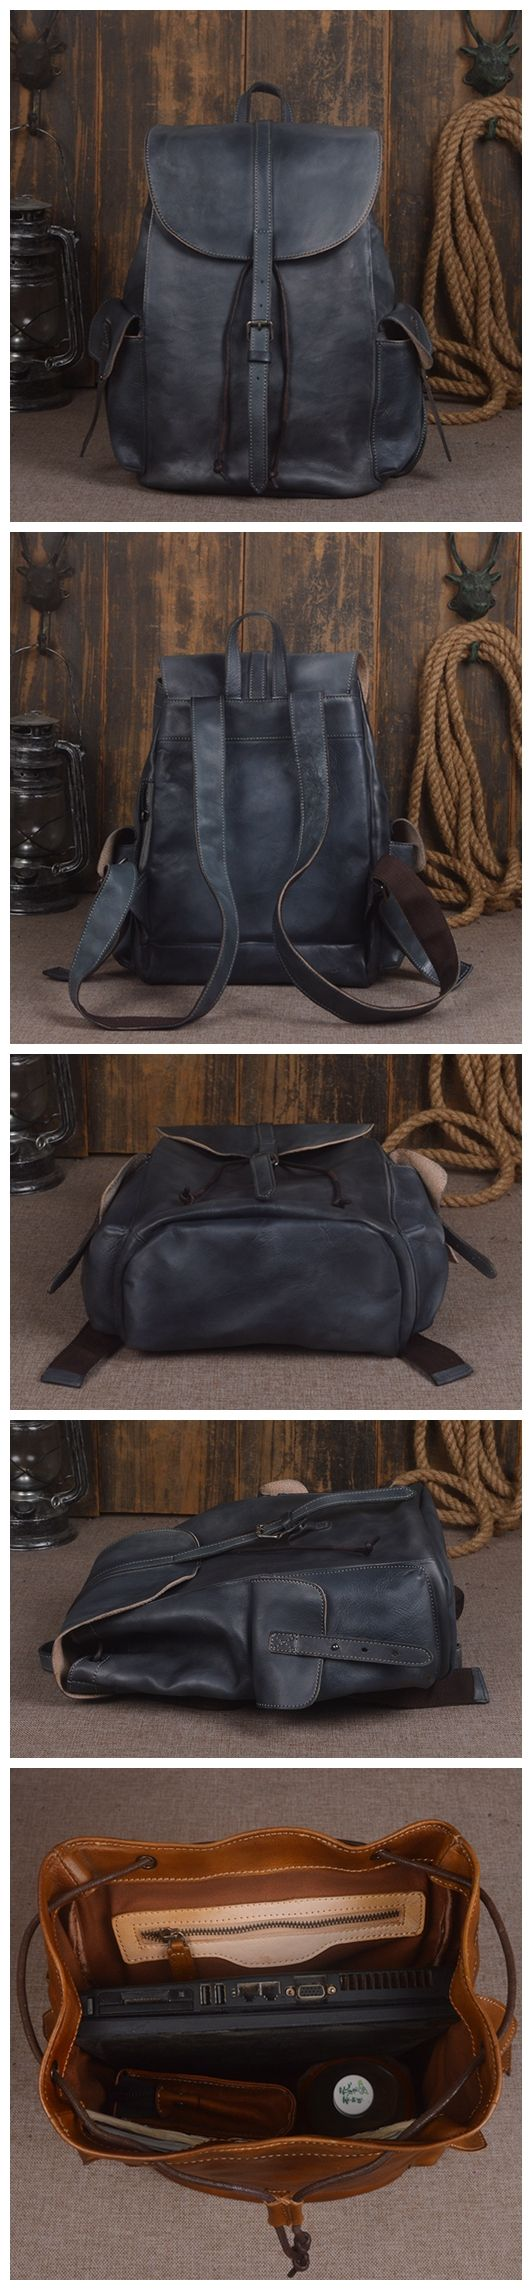 Vintage Handmade Genuine Leather Backpack Hiking Rucksack Travel Backpack School Backpack in Navy 14140